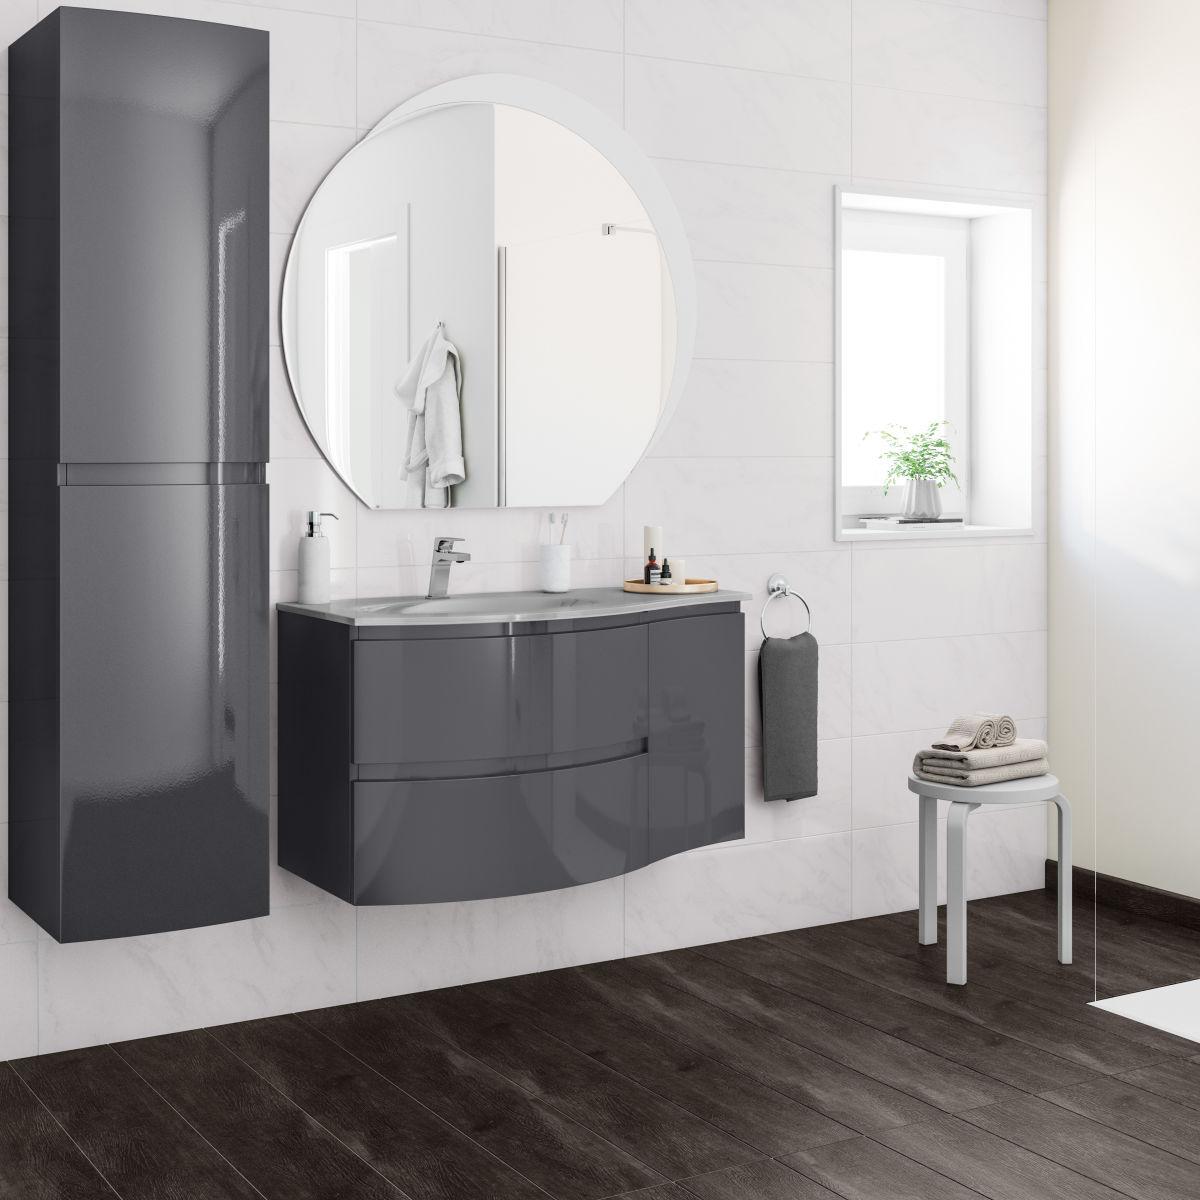 Mobile bagno vague grigio antracite l 104 cm prezzi e - Ventole aspiranti per bagno ...